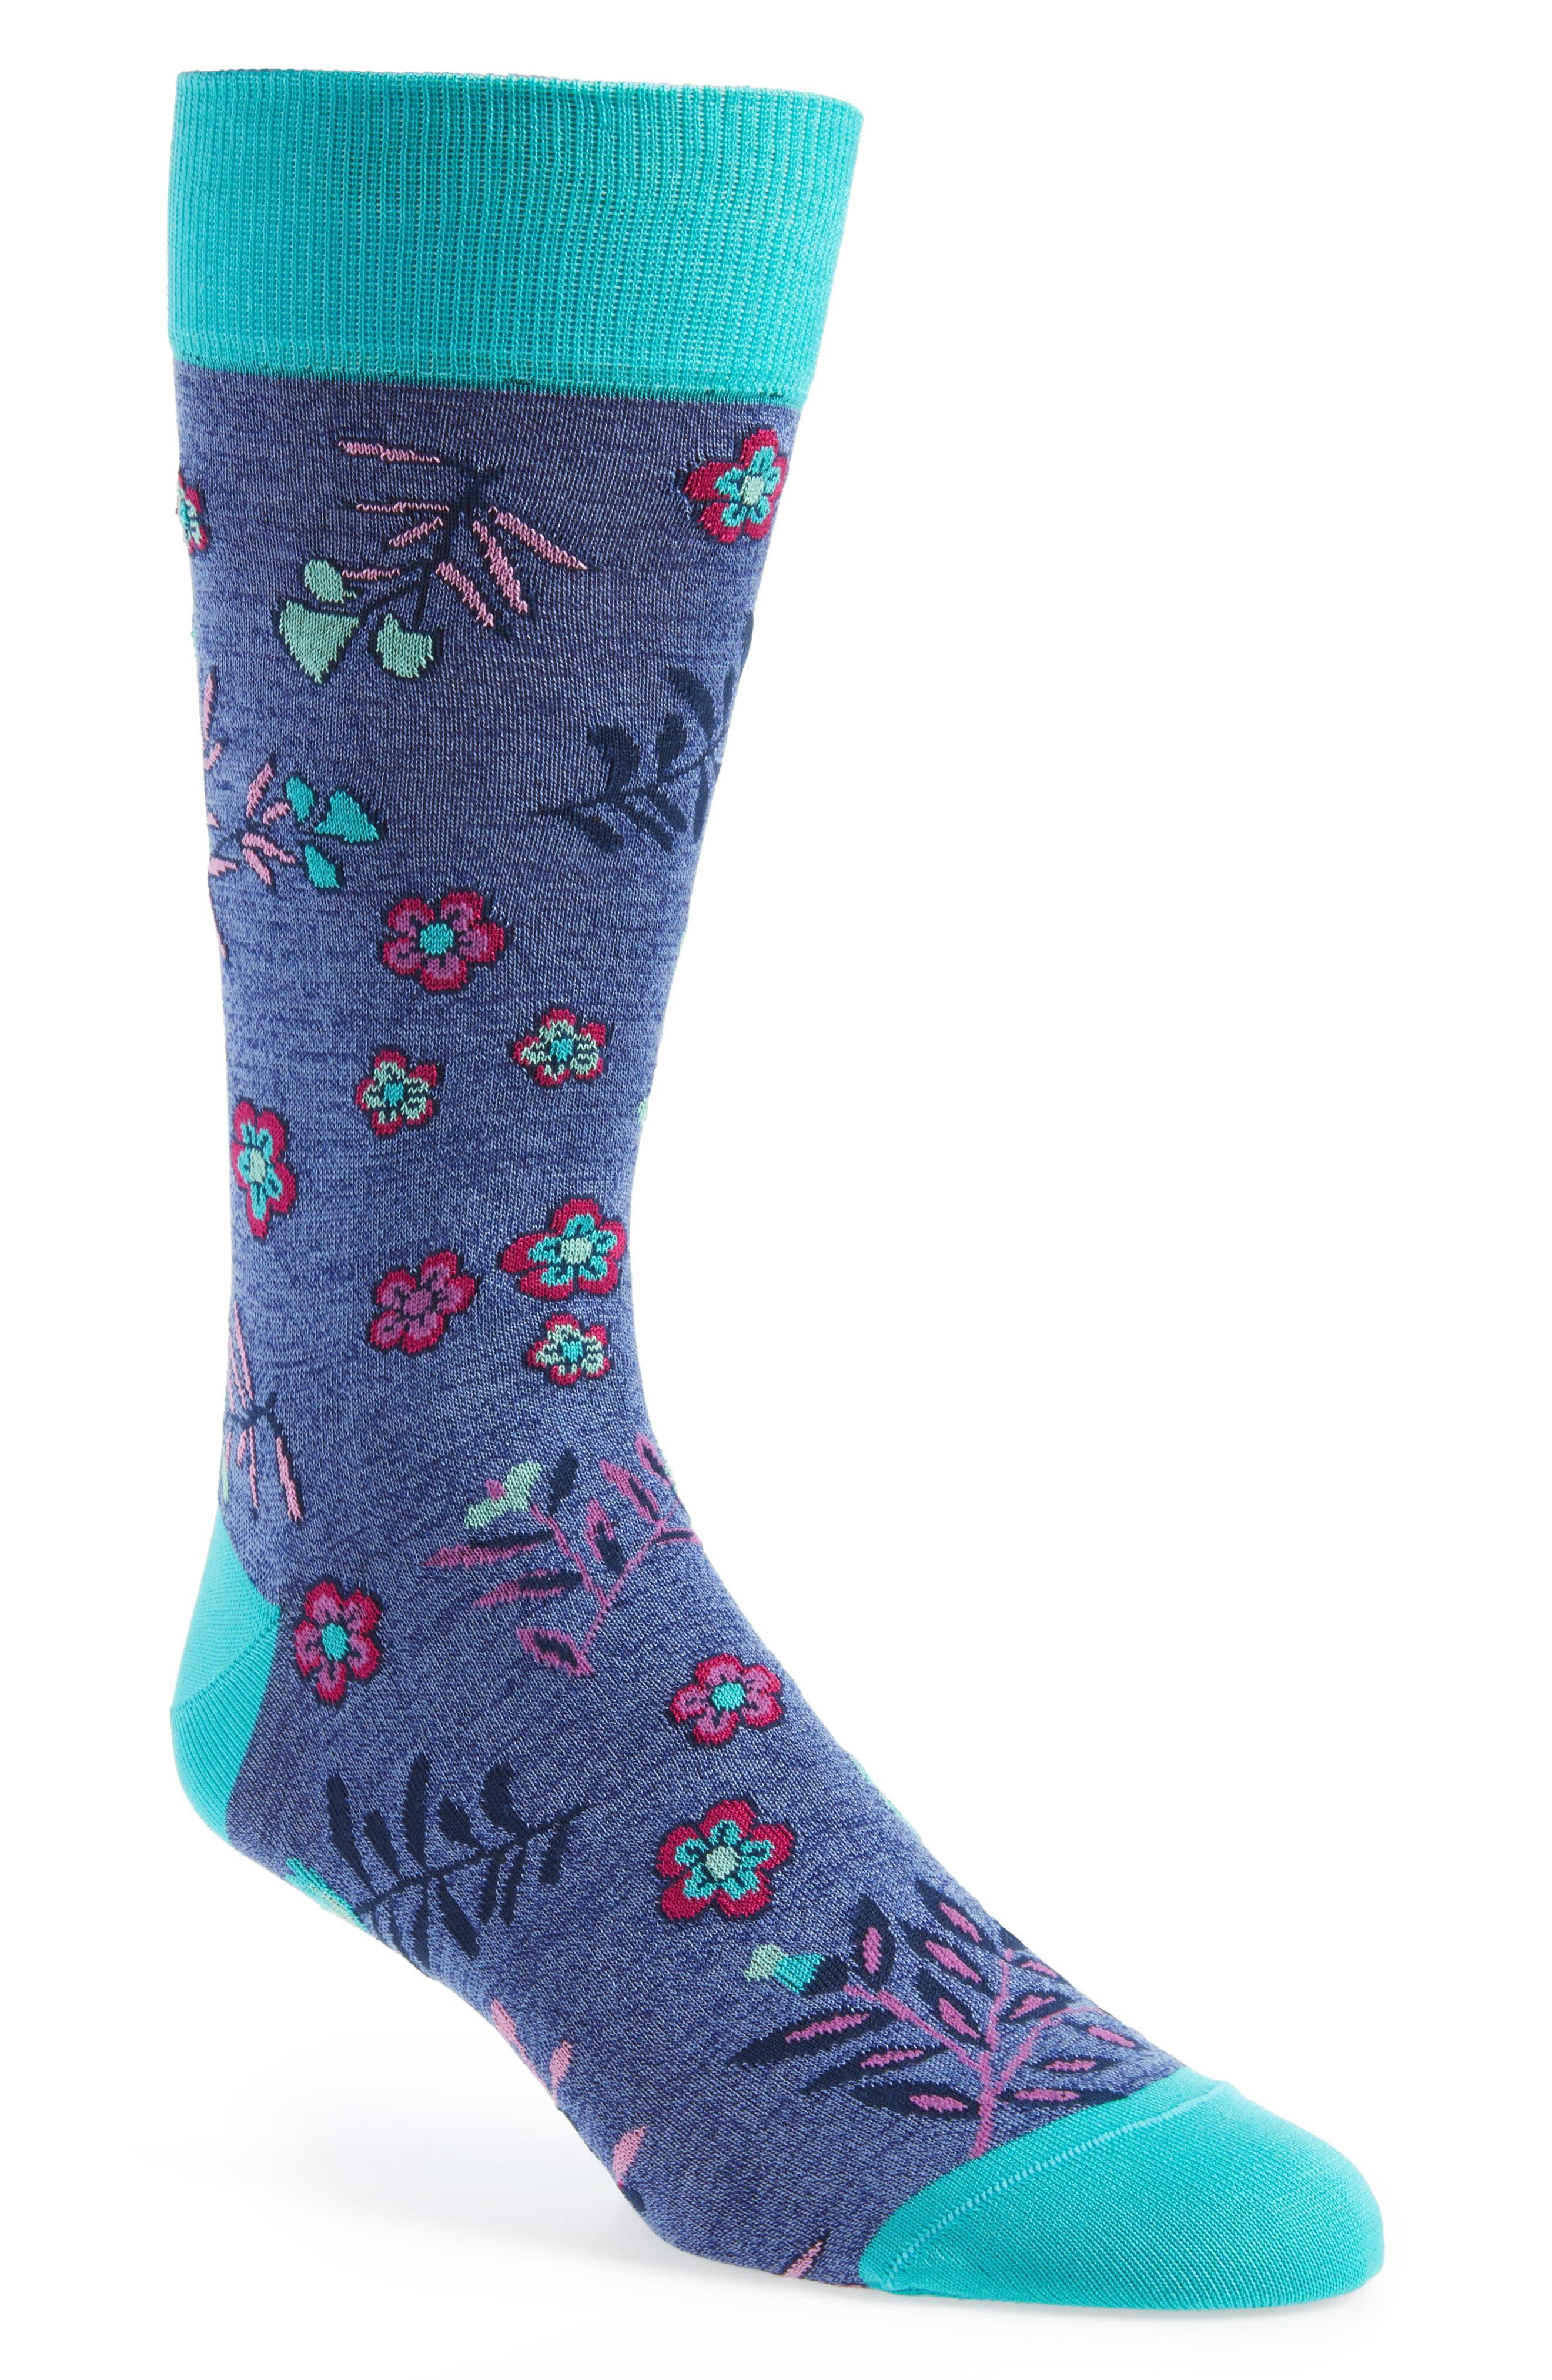 Cotton Blend Socks,                             Main thumbnail 1, color,                             Orchid